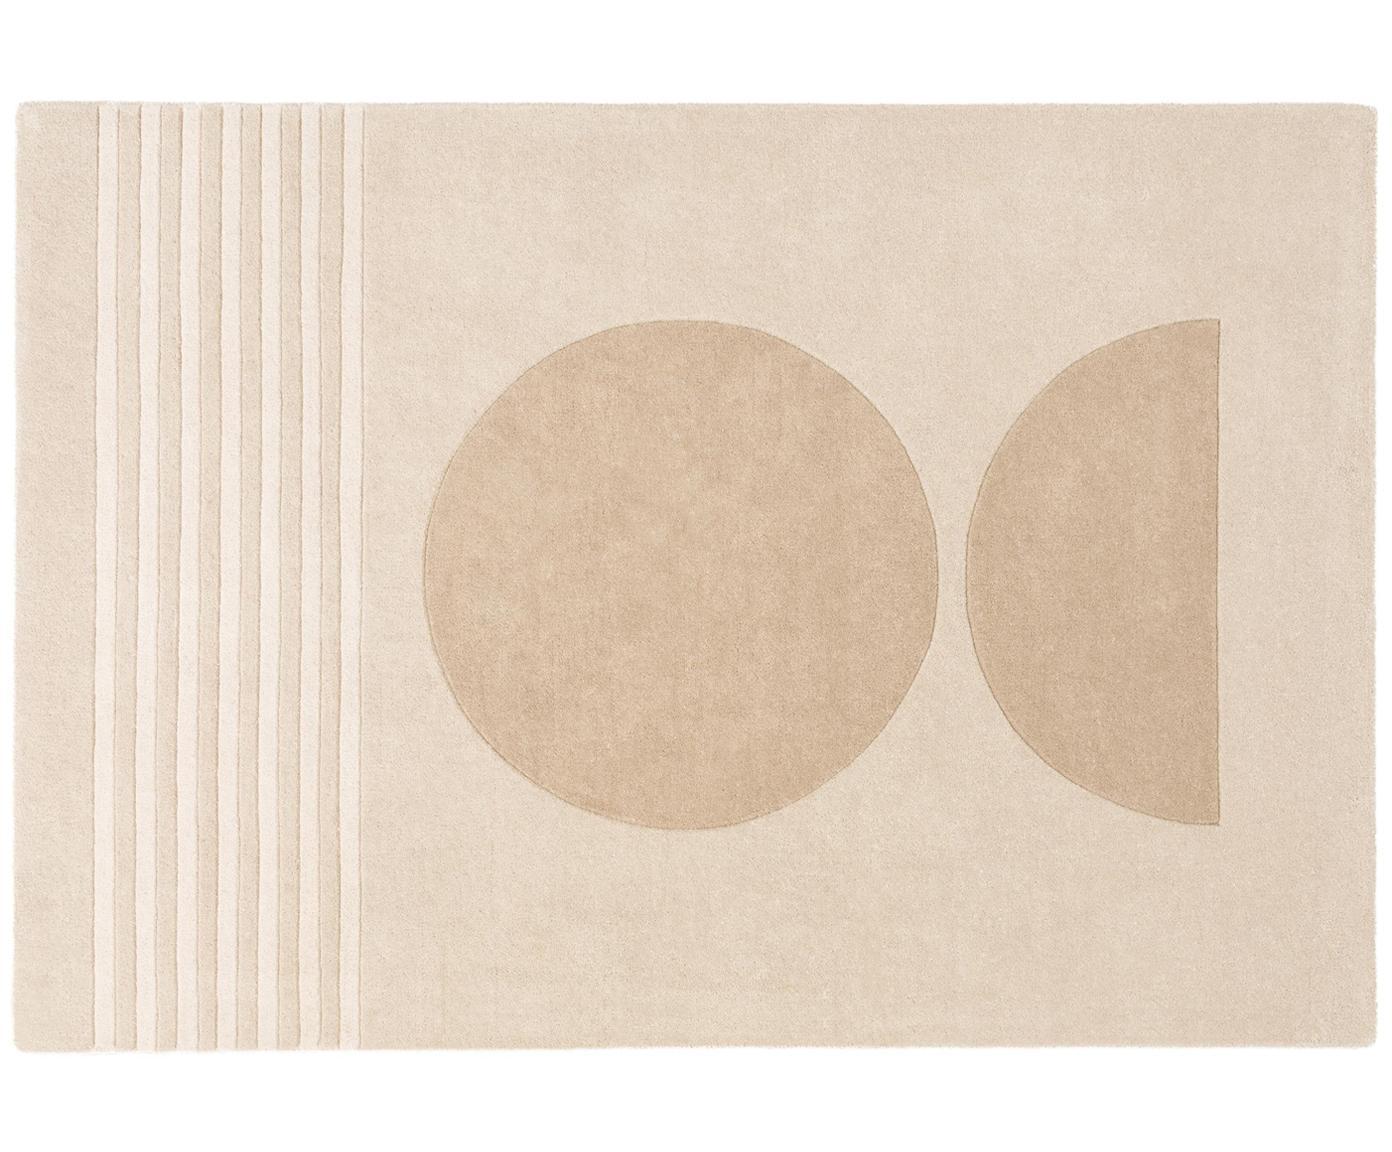 Tappeto in lana taftato a mano Bent, Retro: cotone, Beige, crema, Larg. 140 x Lung. 200 cm (taglia S)